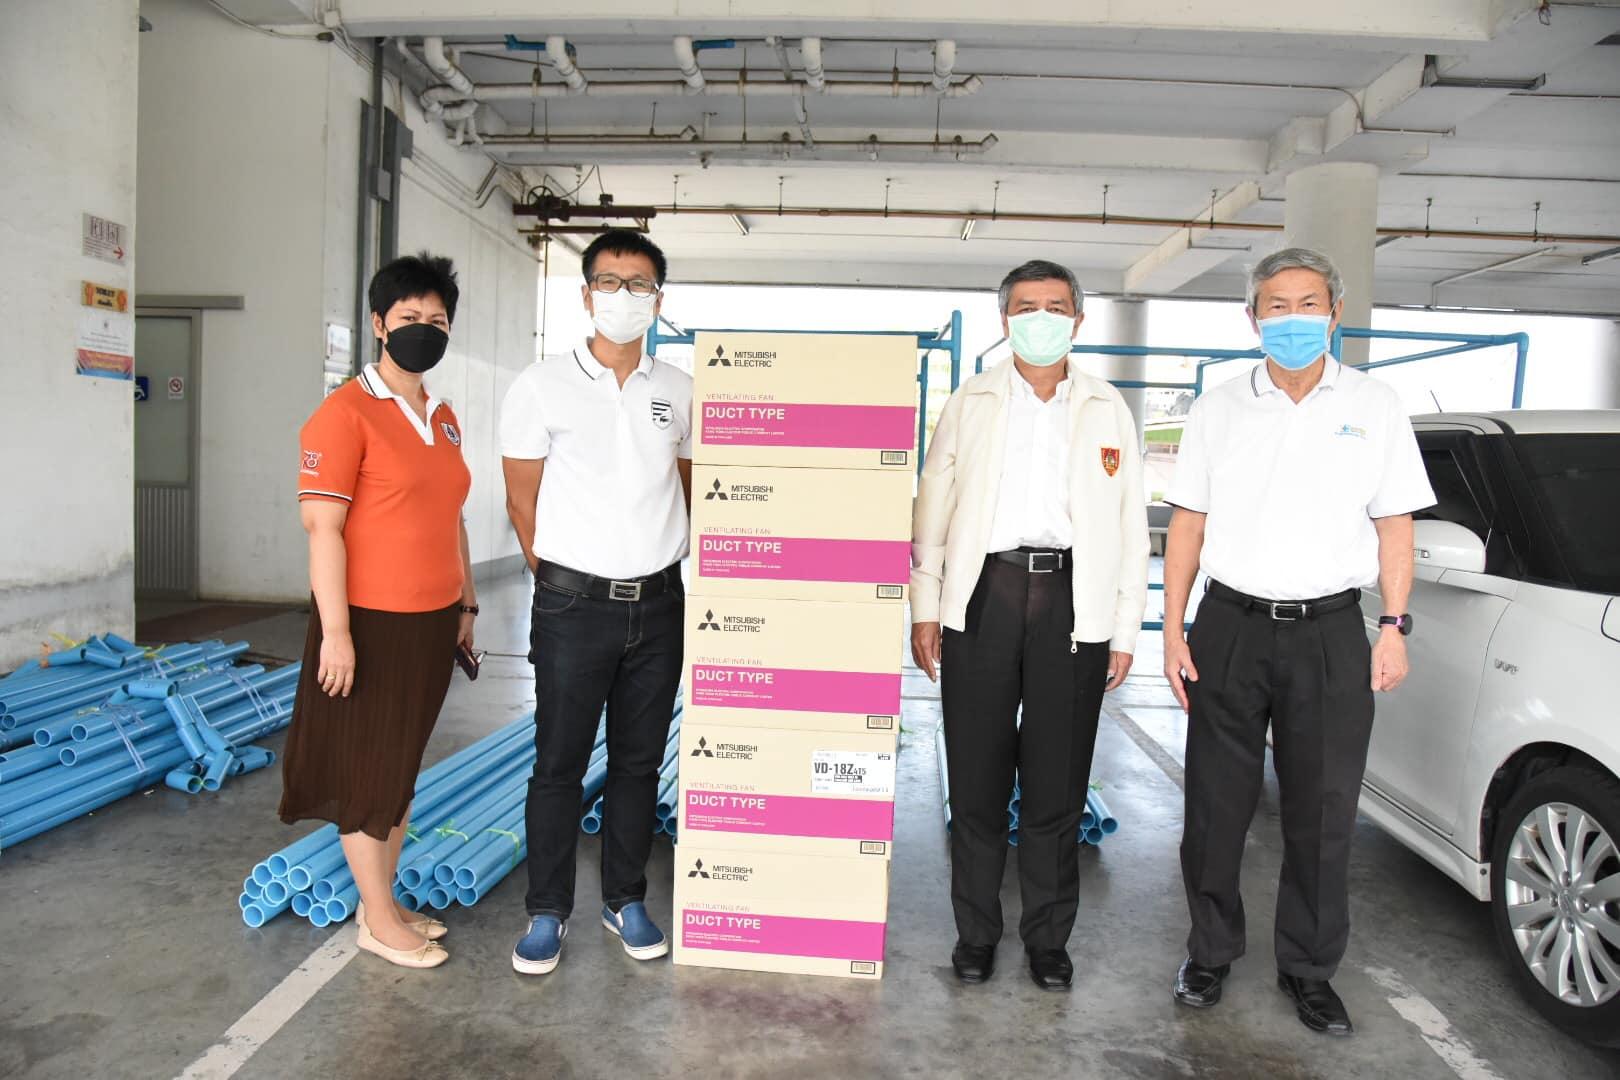 วิศวกรรมสถานแห่งประเทศไทยฯ (วสท.) รับมอบ พัดลม และท่อพีวีซี จำนวน 5 ชุด จากนายสุทธิเวช นุชศิลา วิศวกรอาสา และกลุ่มเพื่อน เพื่อประกอบตู้ความดันลบ มอบแก่โรงพยาบาลที่ต้องการ